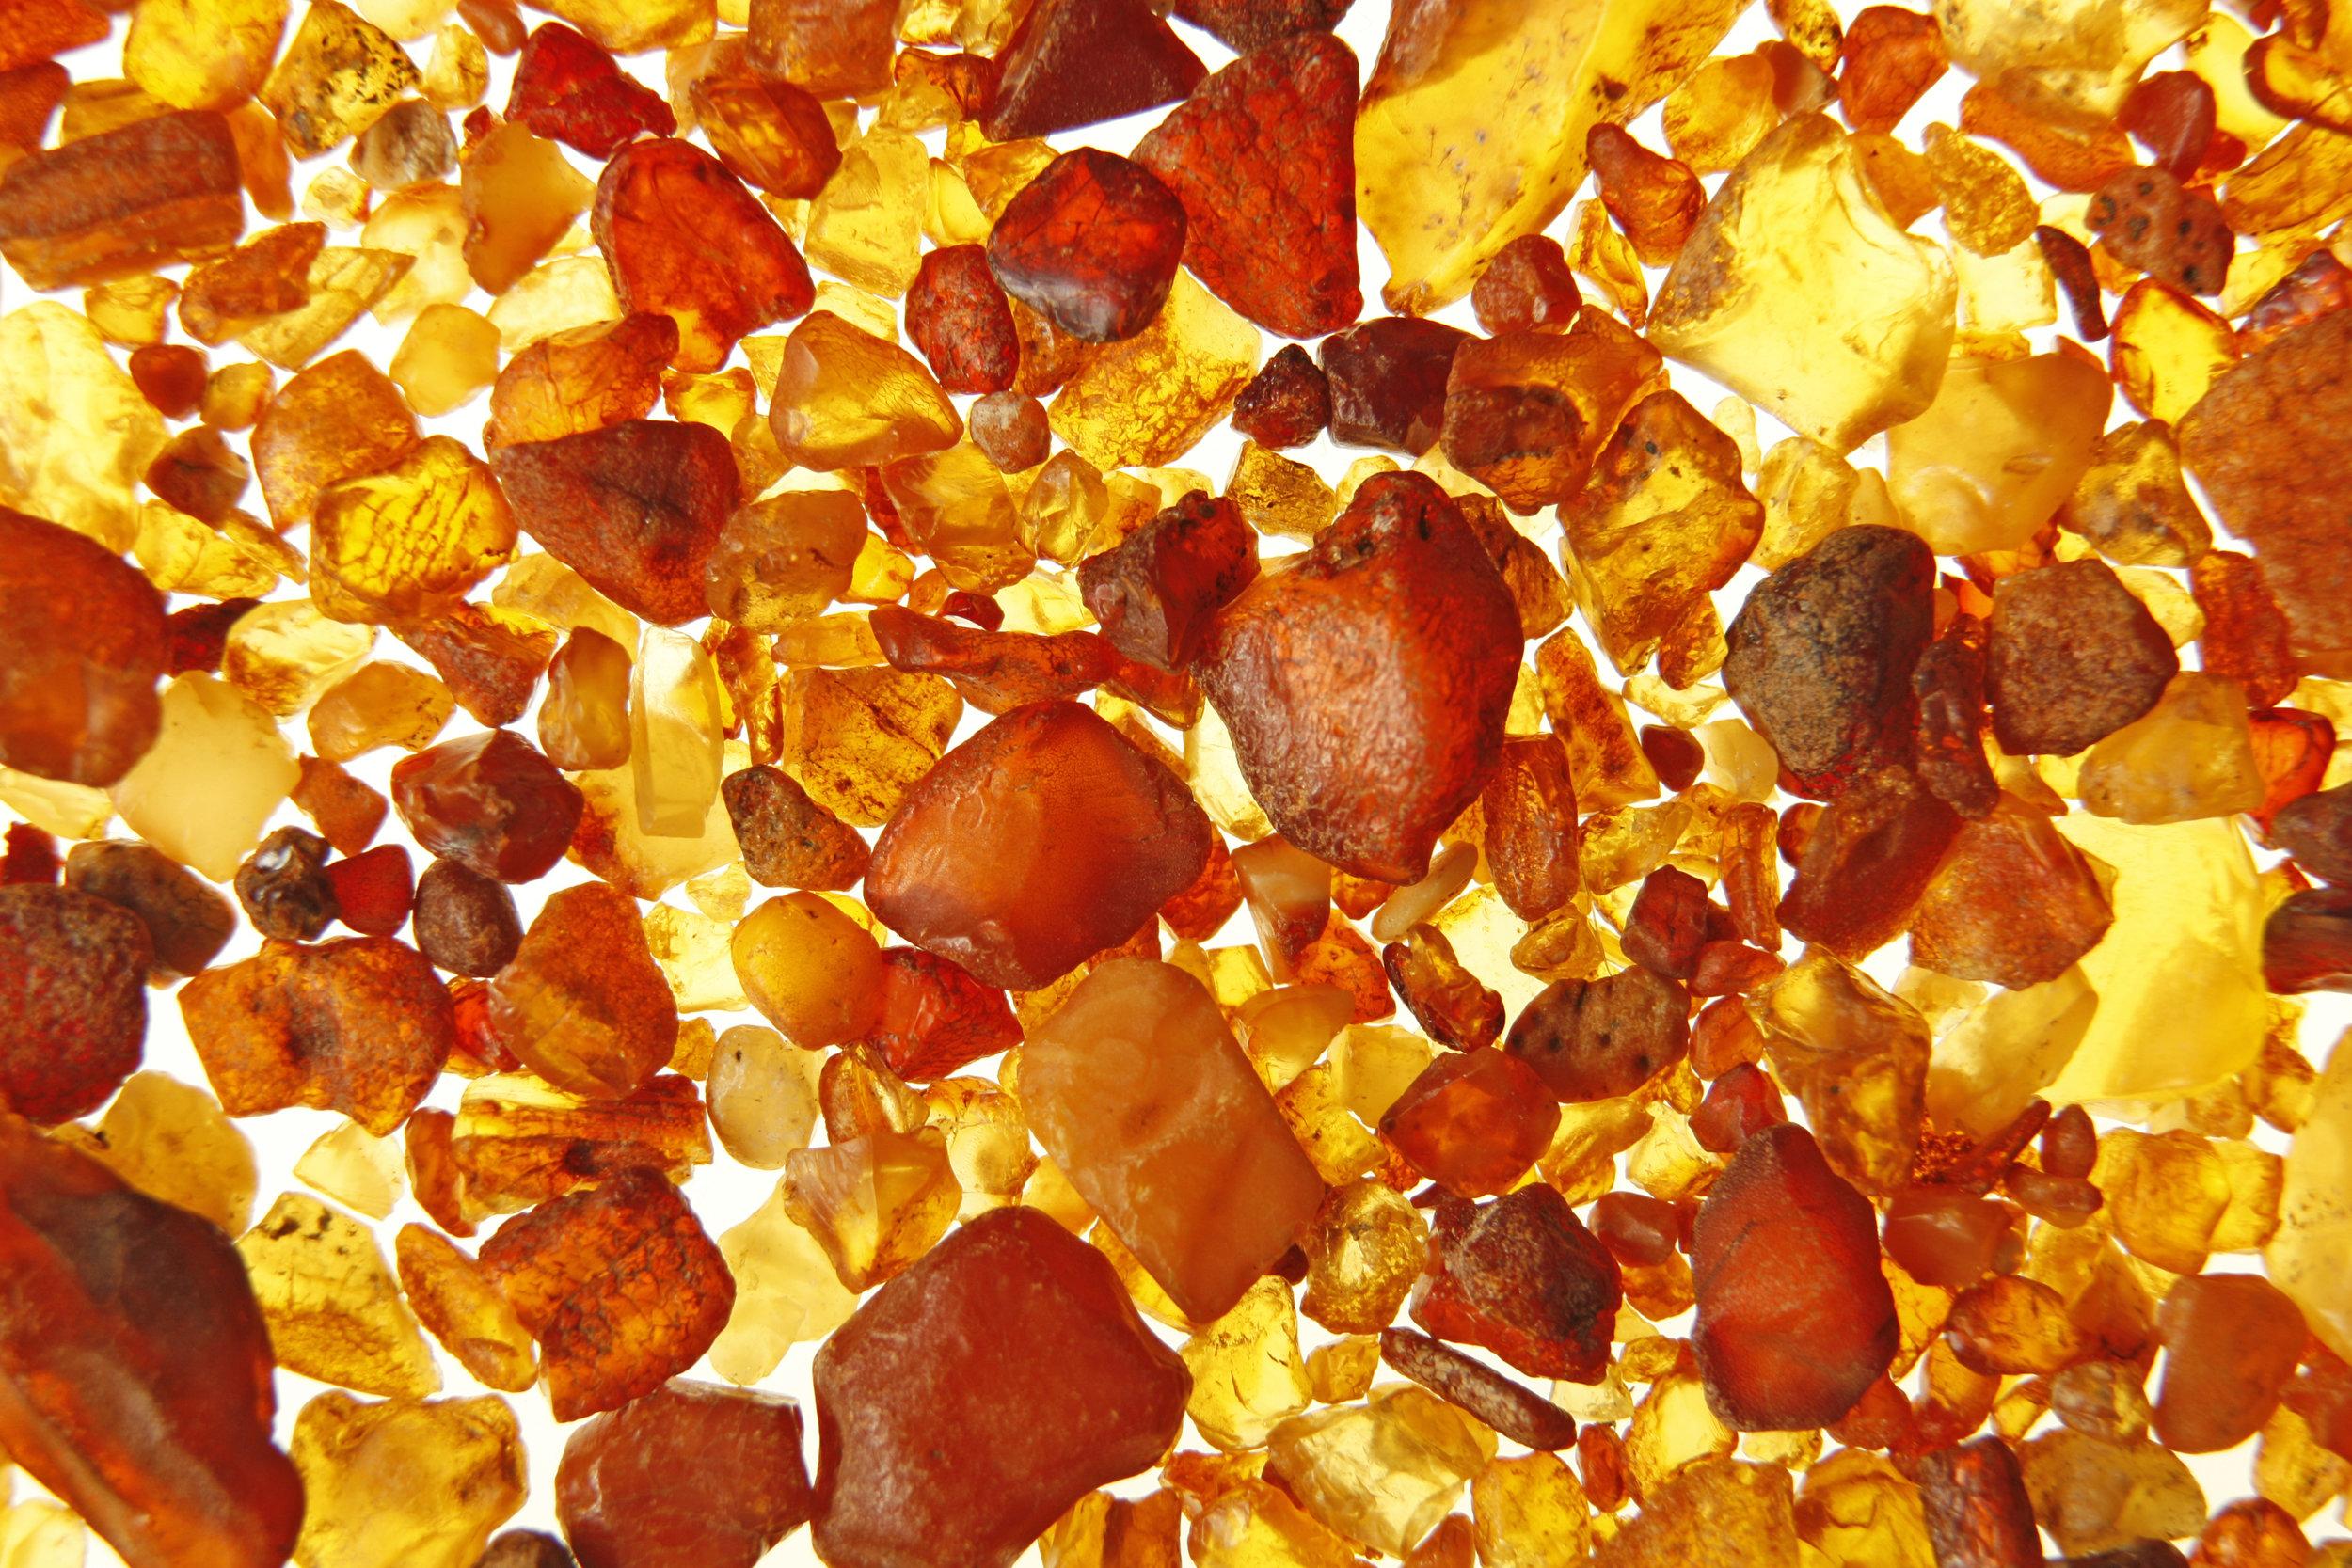 Amber skin